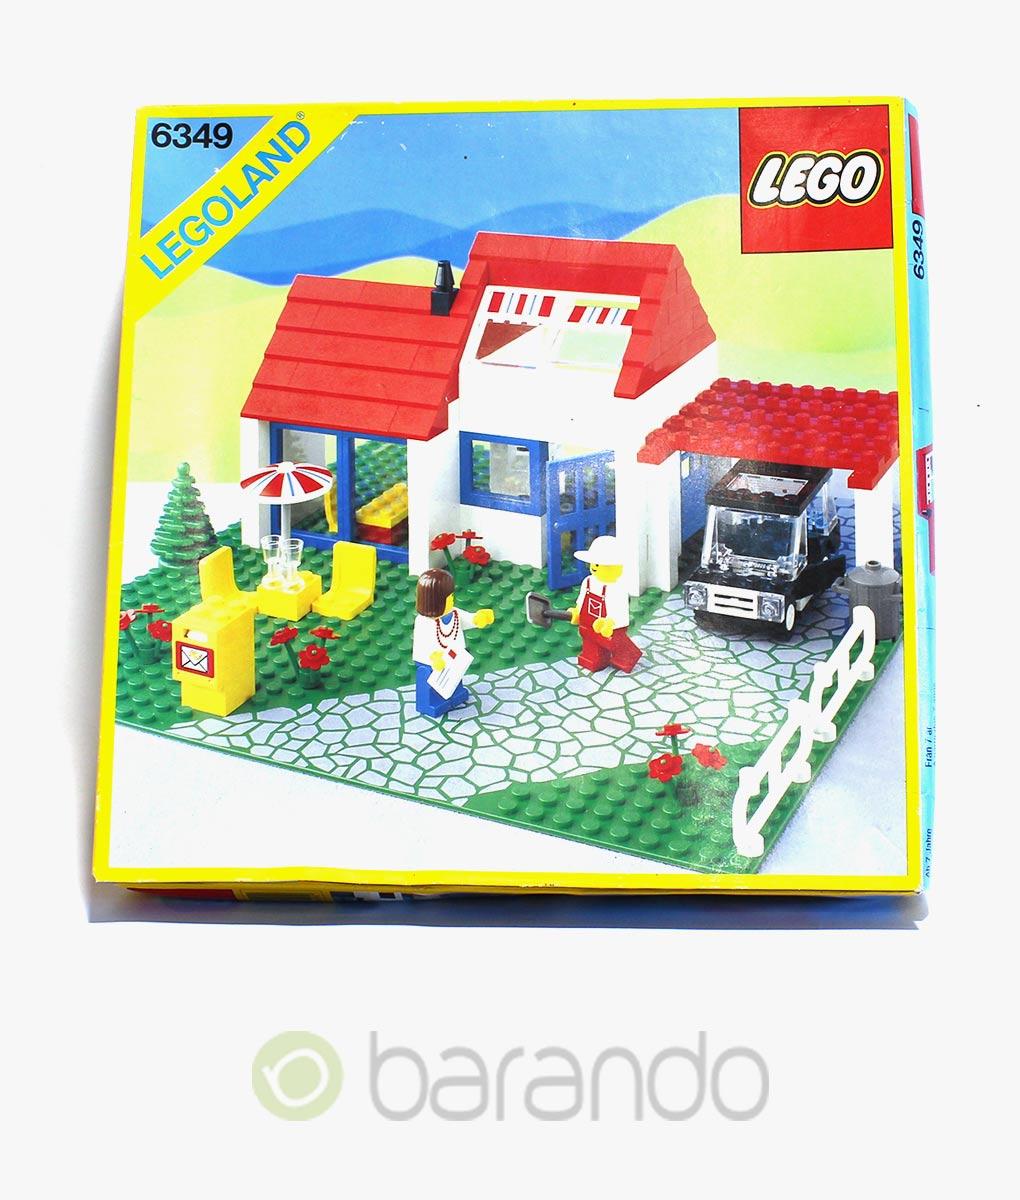 LEGO City 6349 Ferienhaus Set kaufen